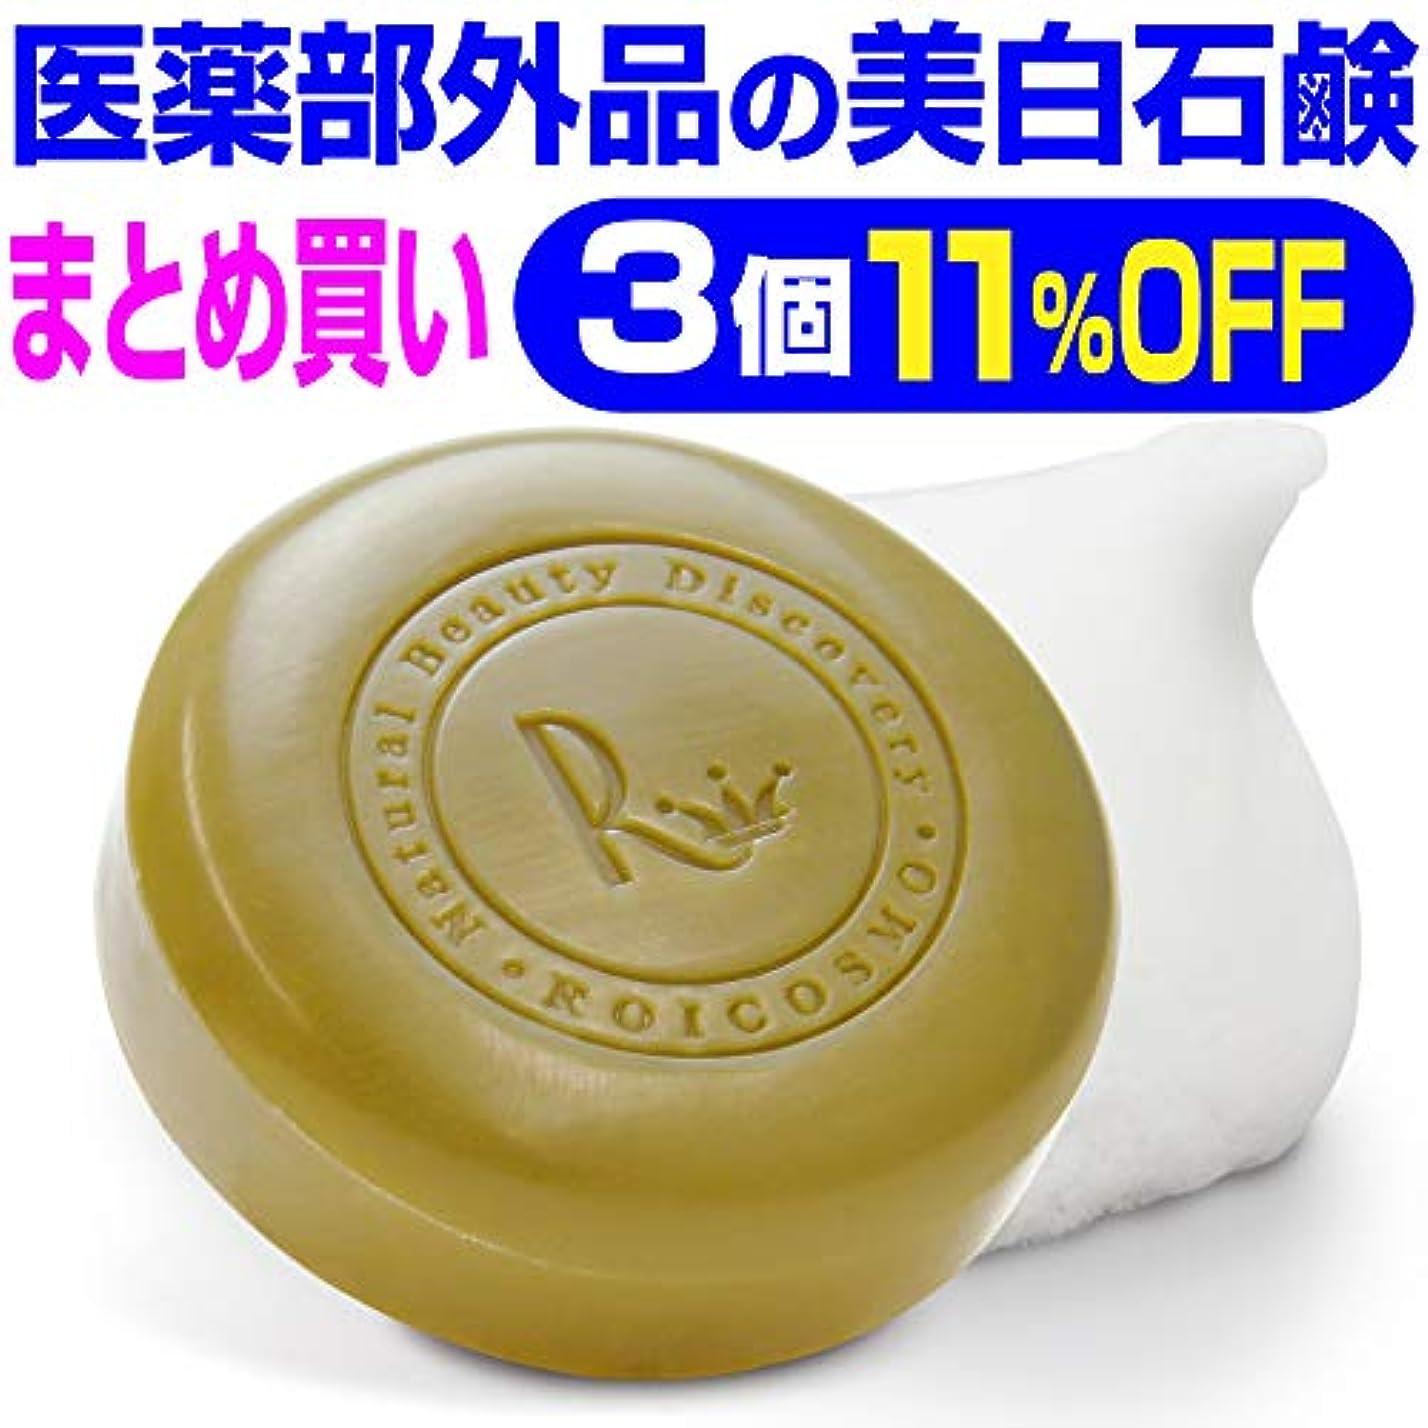 救援実質的施し3個まとめ買い11%OFF 美白石鹸/ビタミンC270倍の美白成分配合の 洗顔石鹸『ホワイトソープ100g×3個』